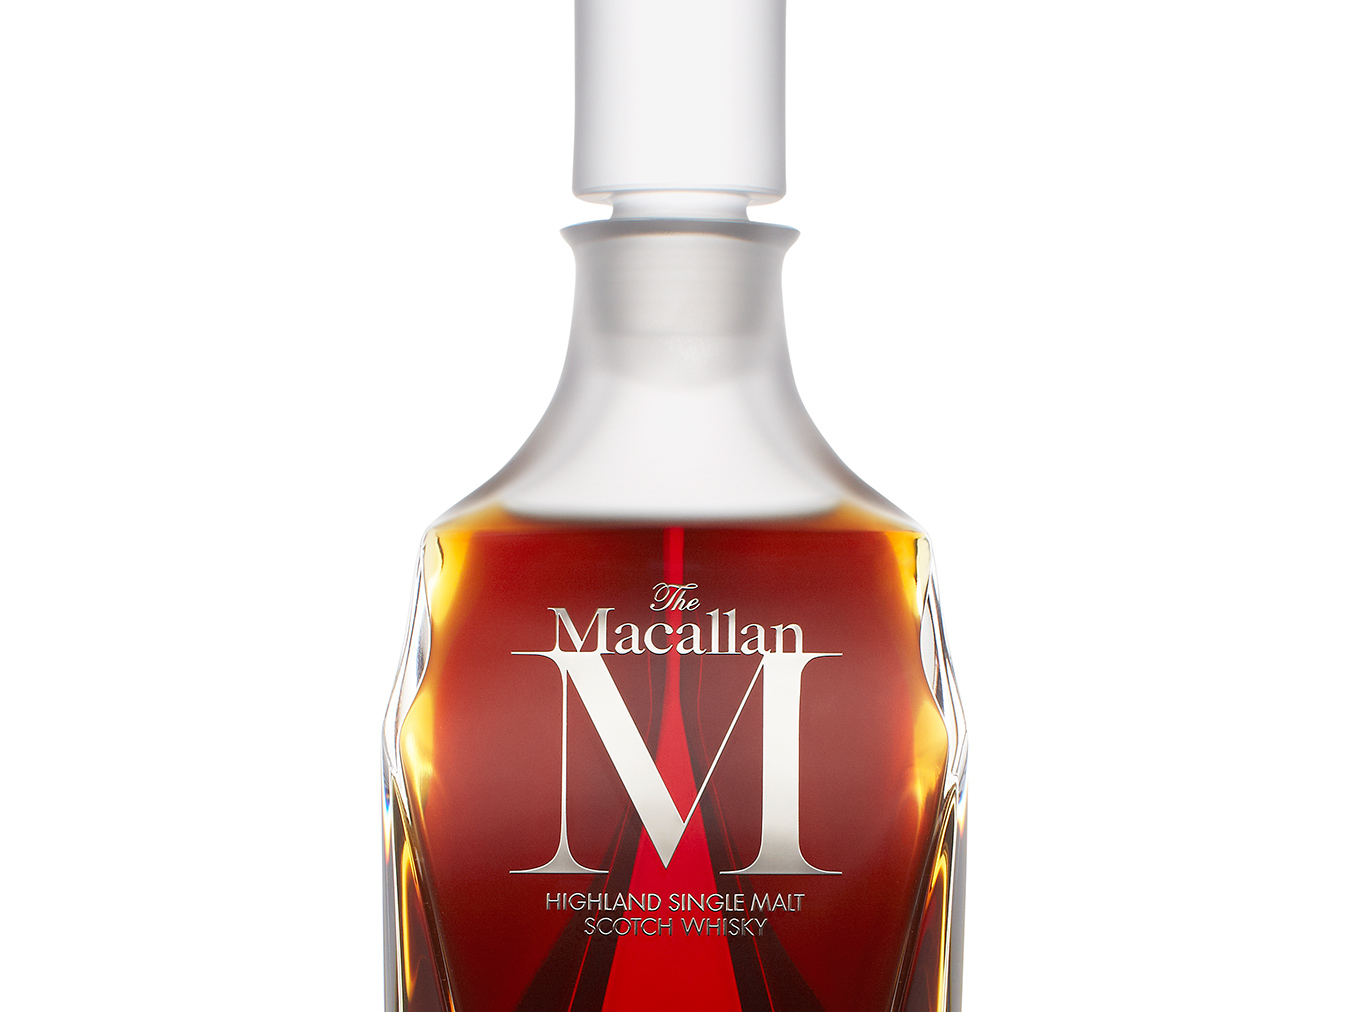 MONTECRISTO Blog: The Macallan M